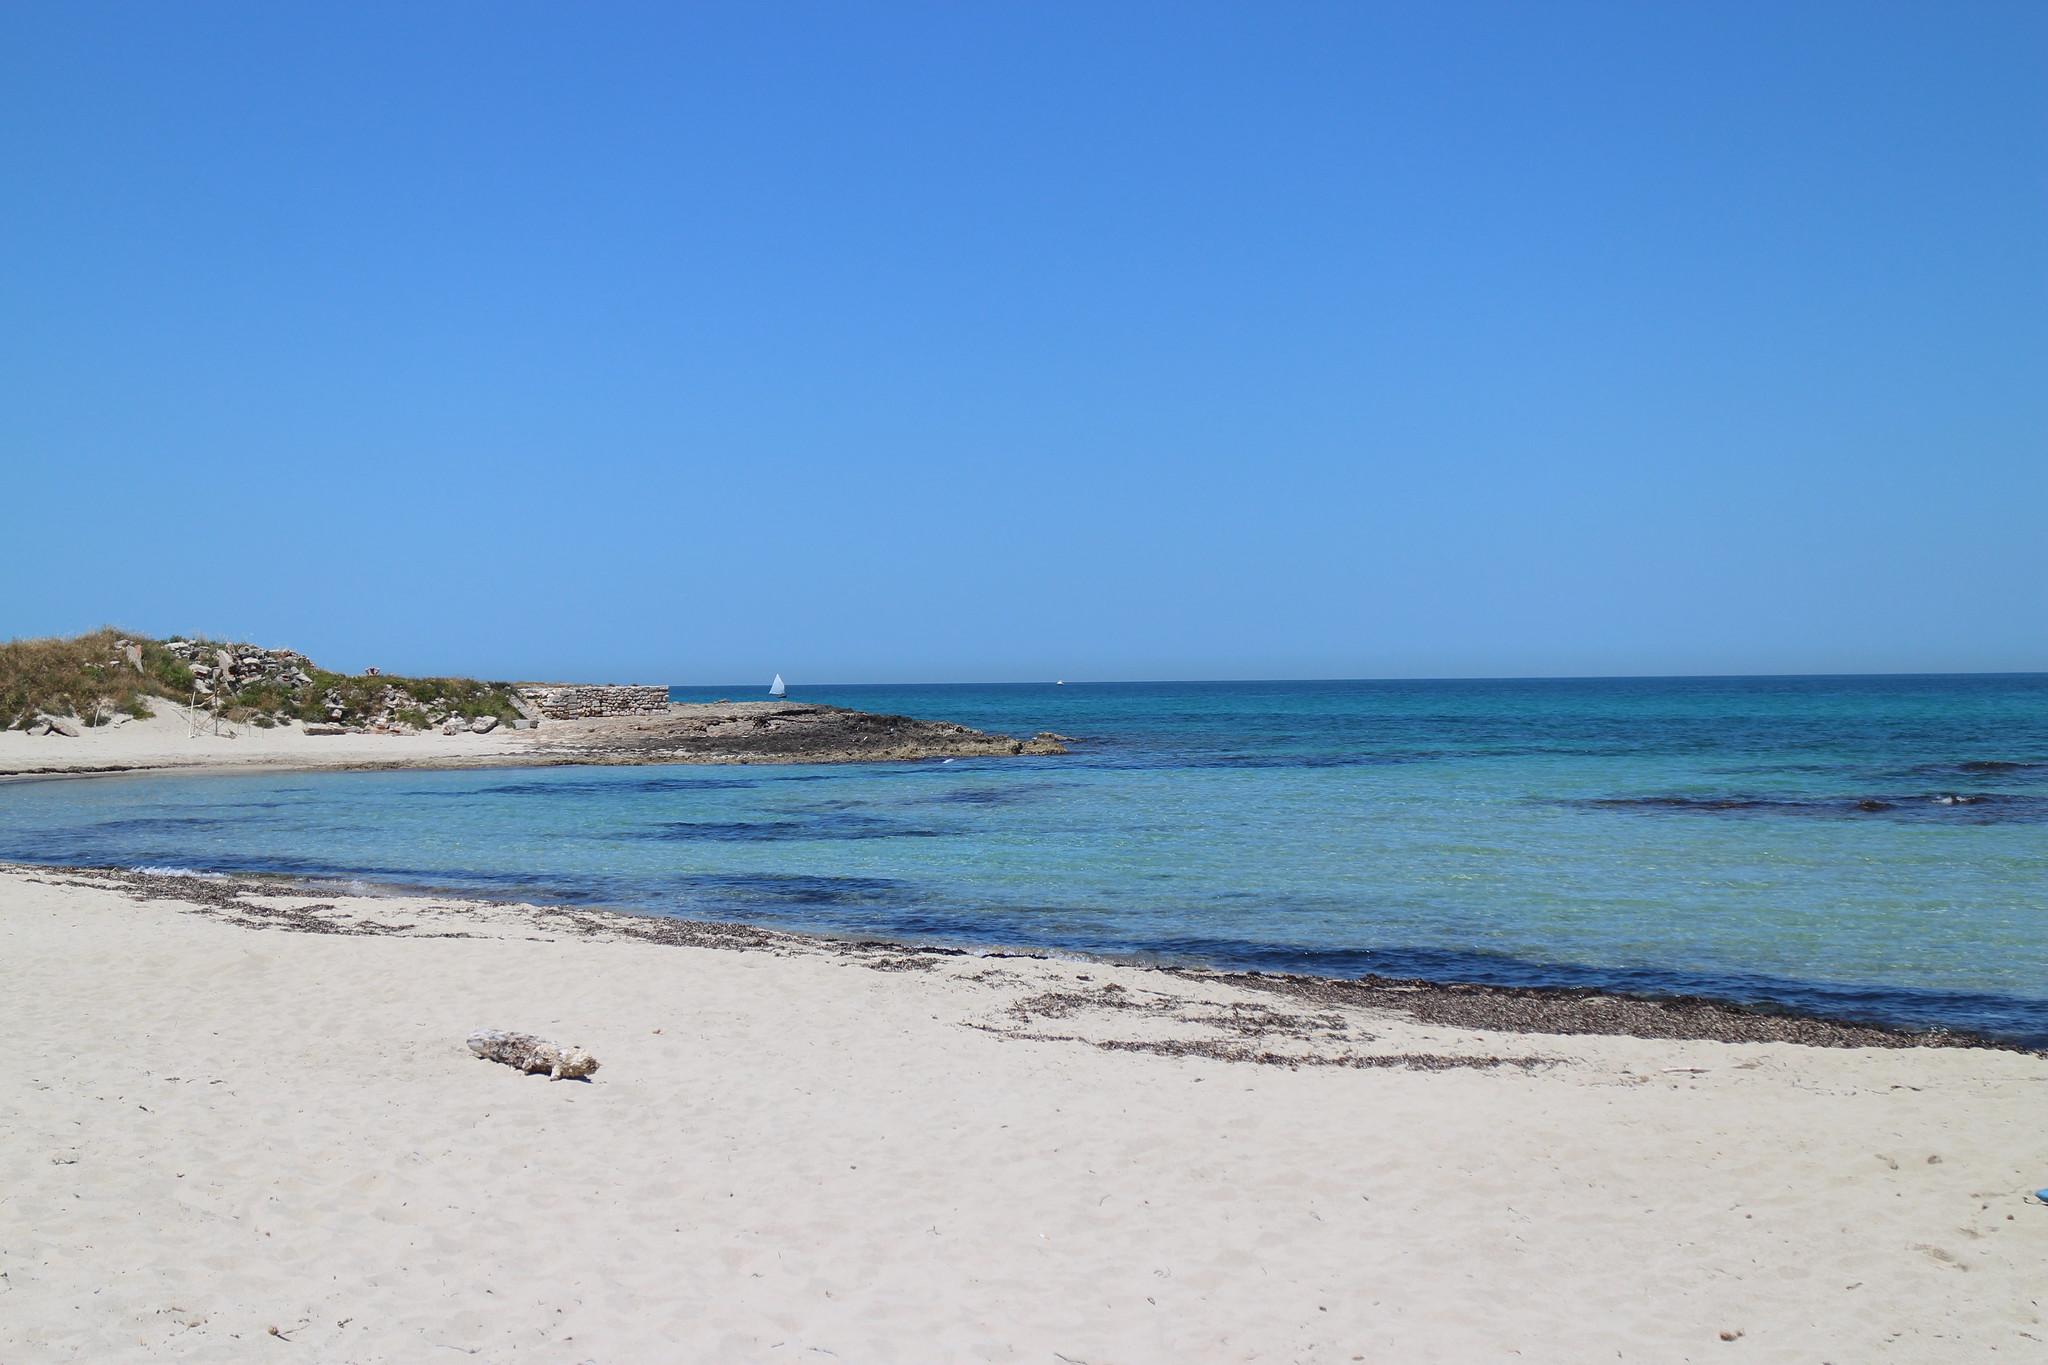 spiagge piu belle ostuni e dintorni